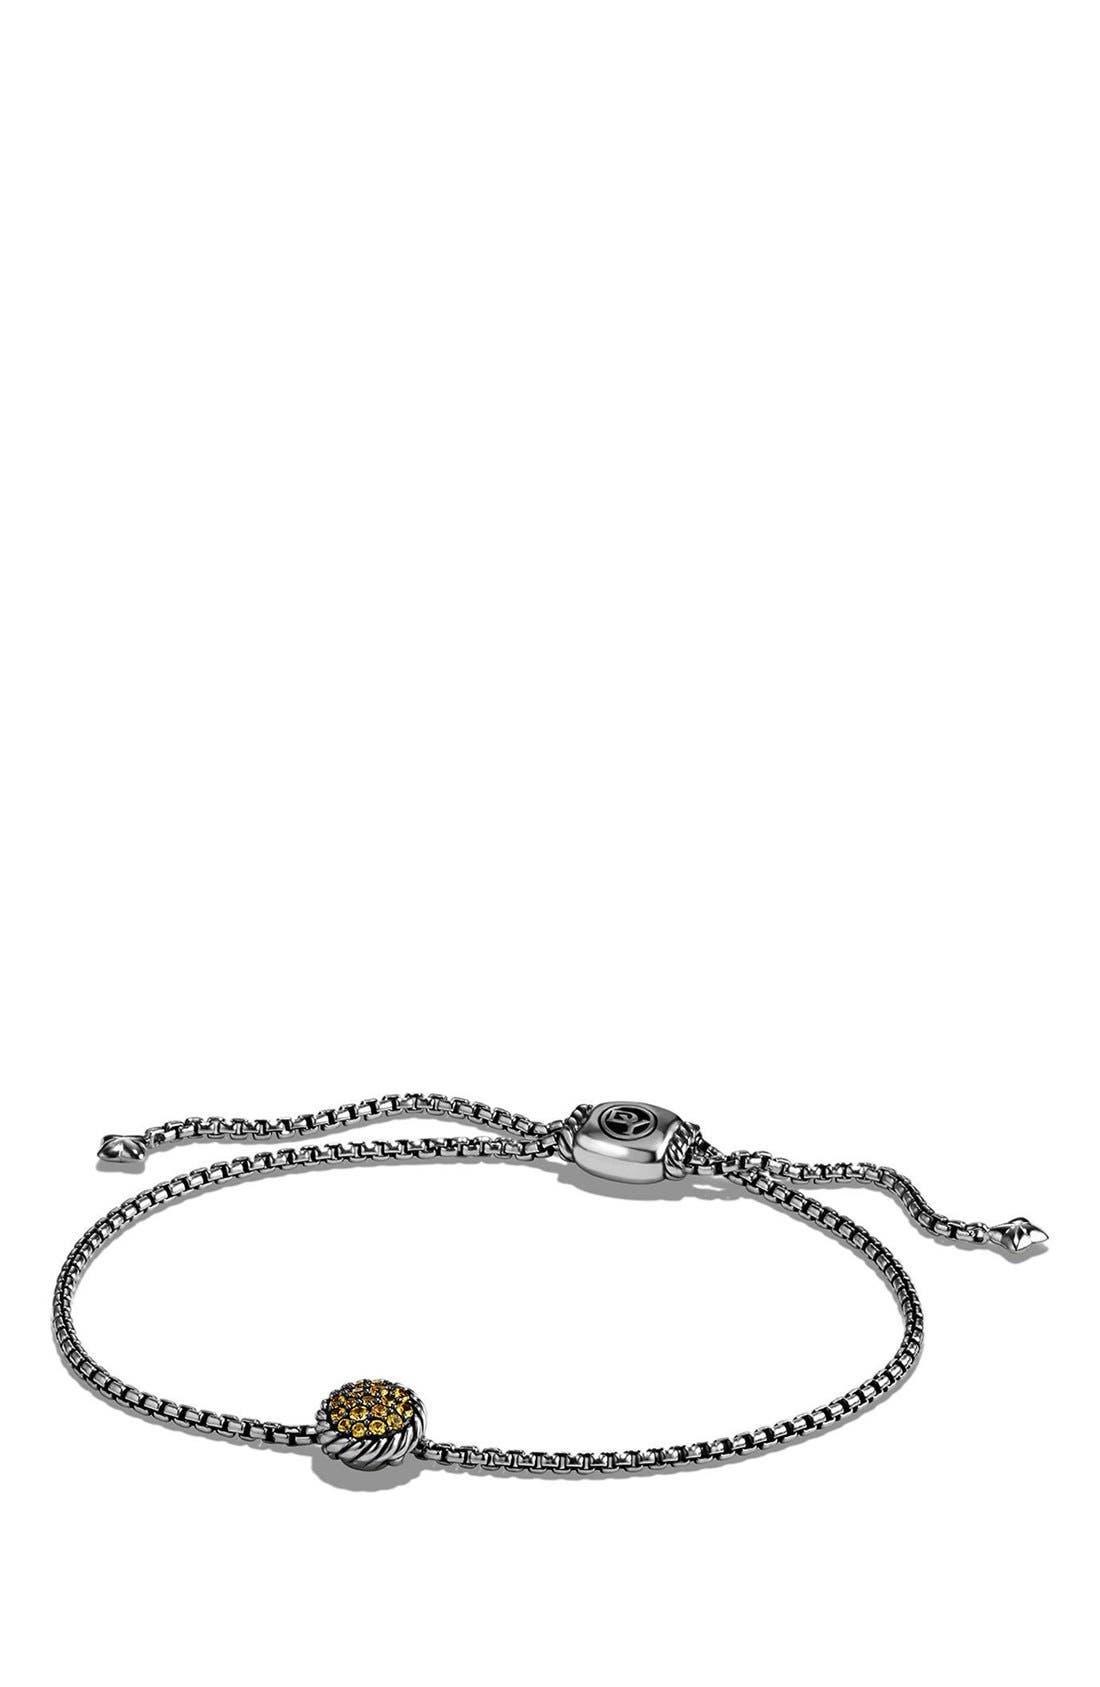 DAVID YURMAN Châtelaine Petite Bracelet